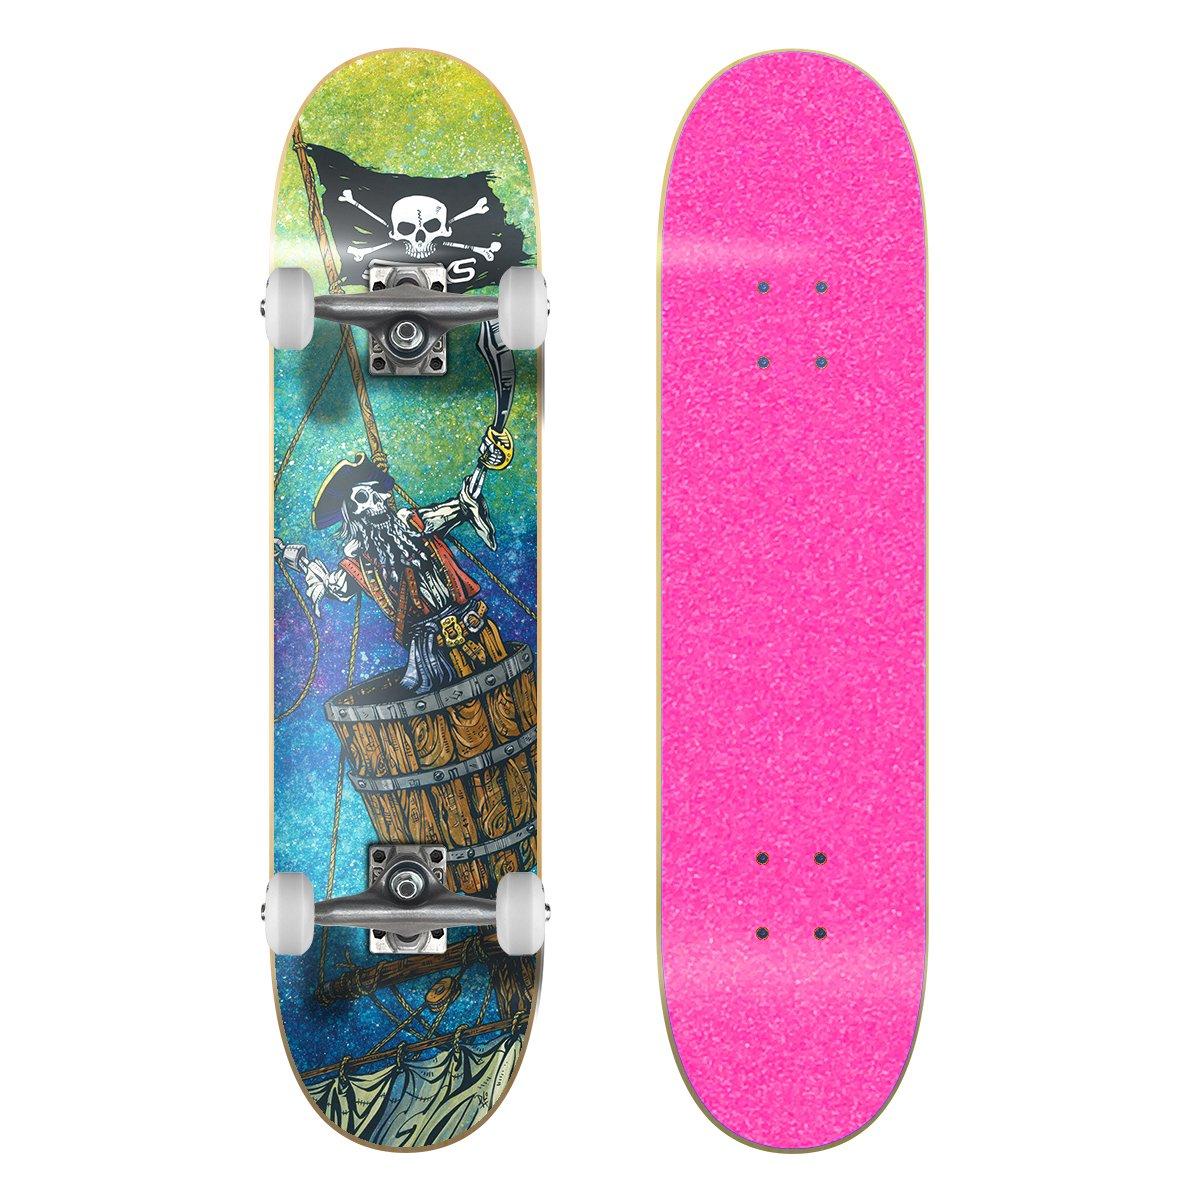 新しいブランド SkateXS ビギナー 海賊 ストリート スケートボード Pink 11-12) B01NAFAUT2 7.4 x 30 30 (Ages 11-12)|Pink Grip Tape/ White Wheels Pink Grip Tape/ White Wheels 7.4 x 30 (Ages 11-12), 艶スパ:e7fc2177 --- a0267596.xsph.ru